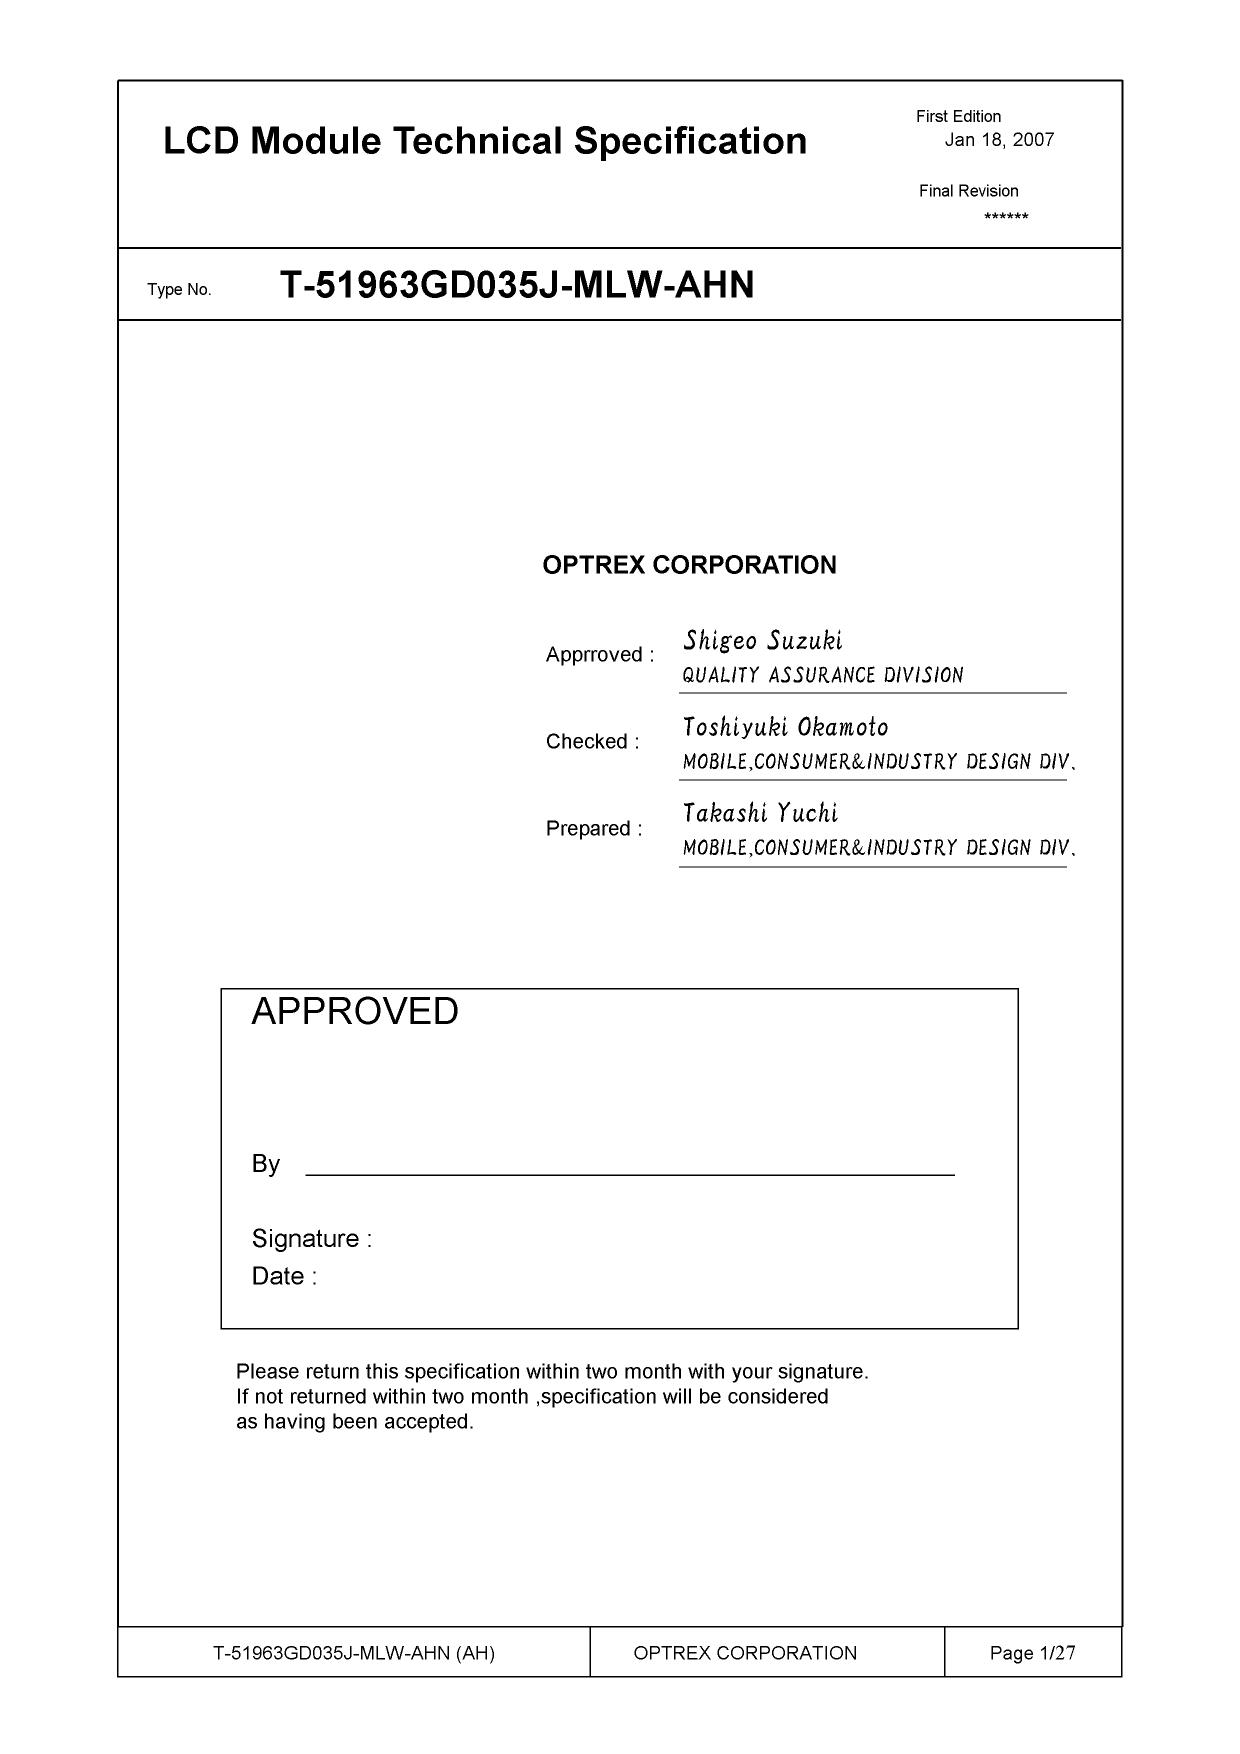 T-51963GD035J-MLW-AHN datasheet